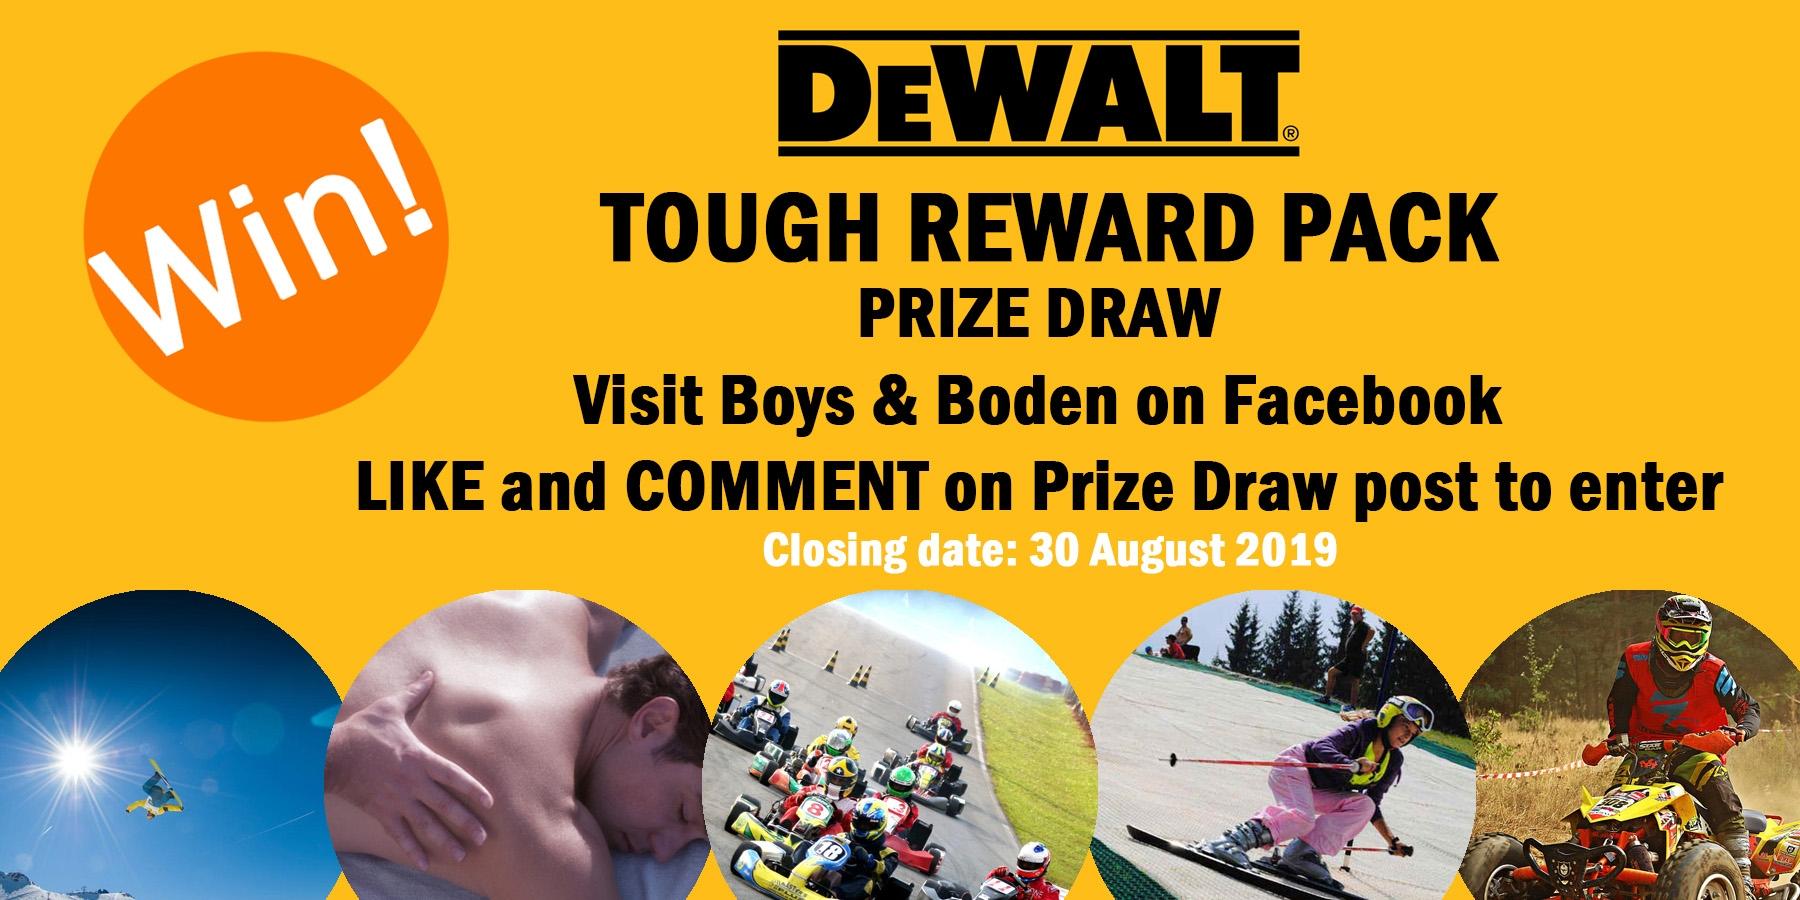 dewalt prize draw, dewalt promotion, dewalt competition, boys and boden